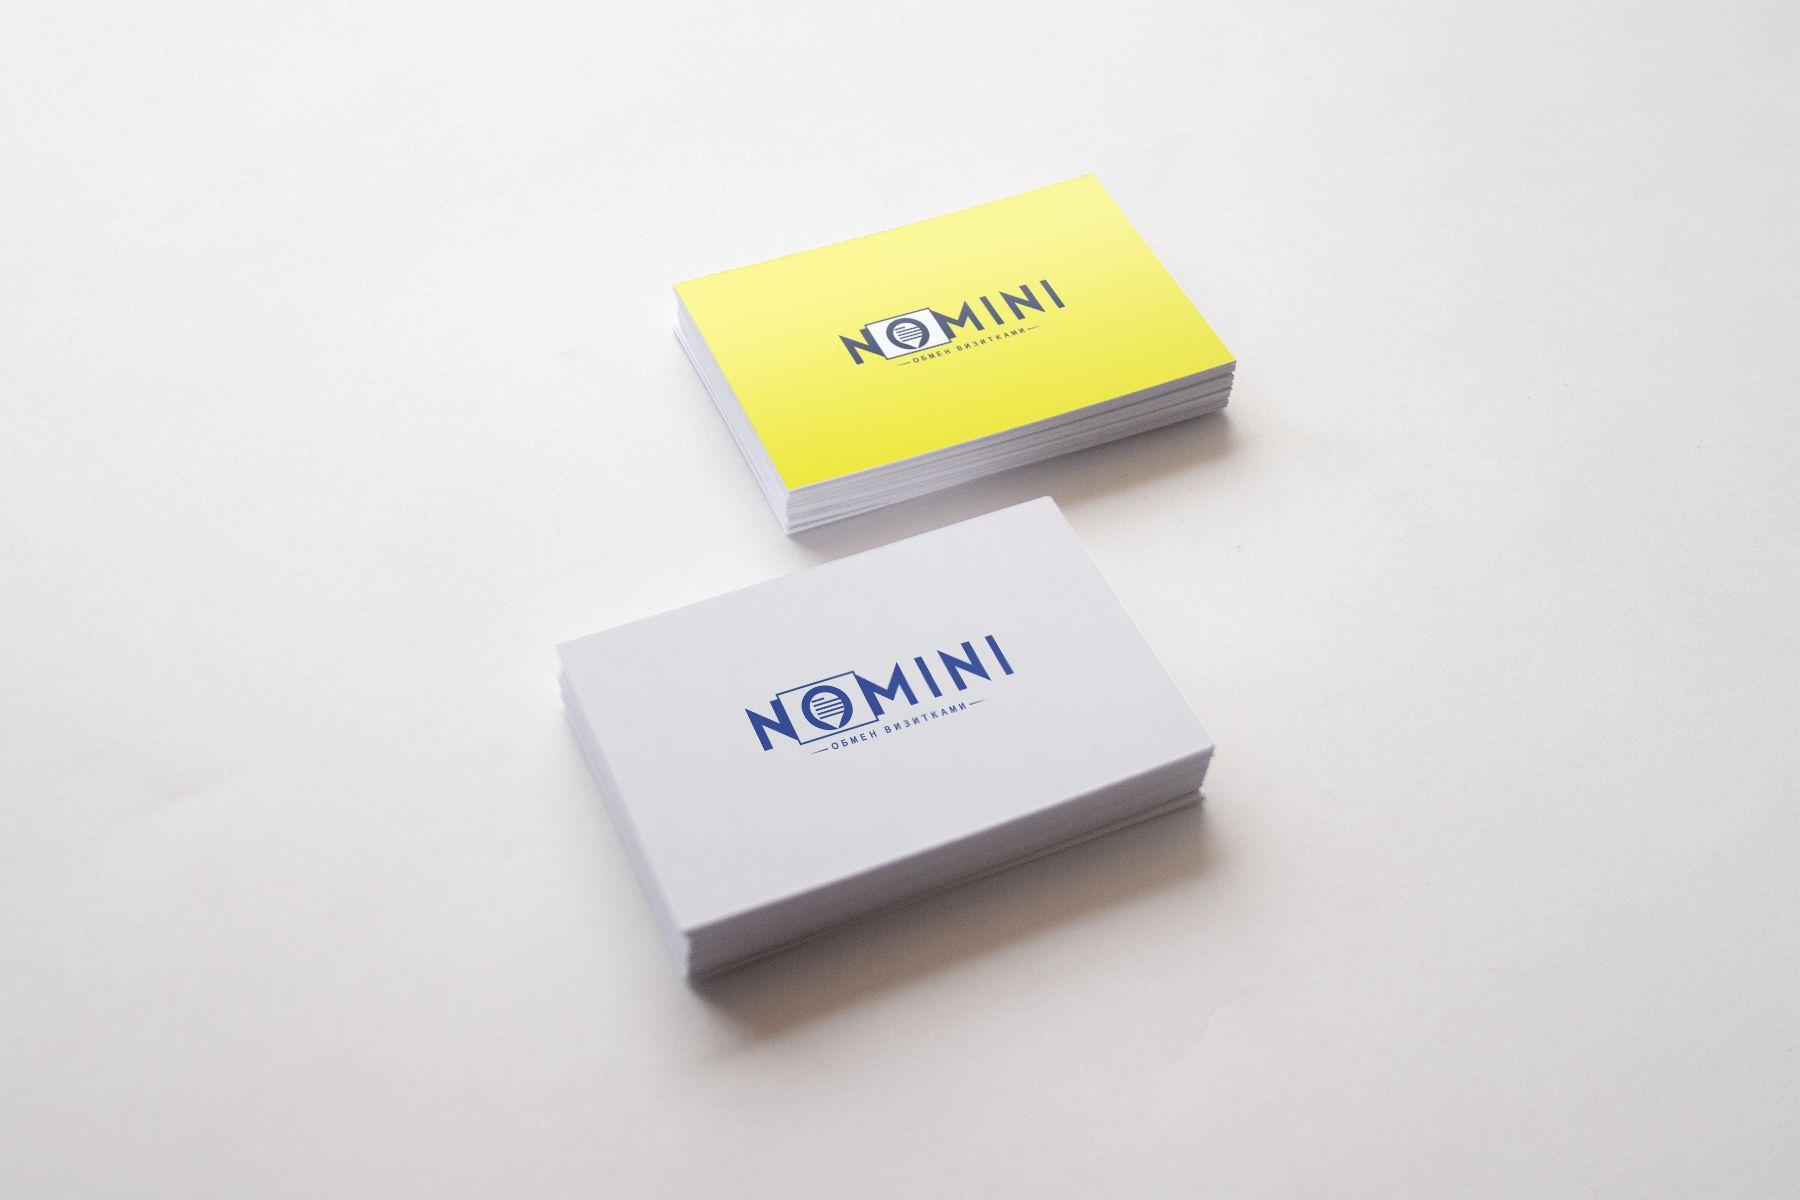 Логотип и иконка для iOS-приложения Nomini - дизайнер weste32